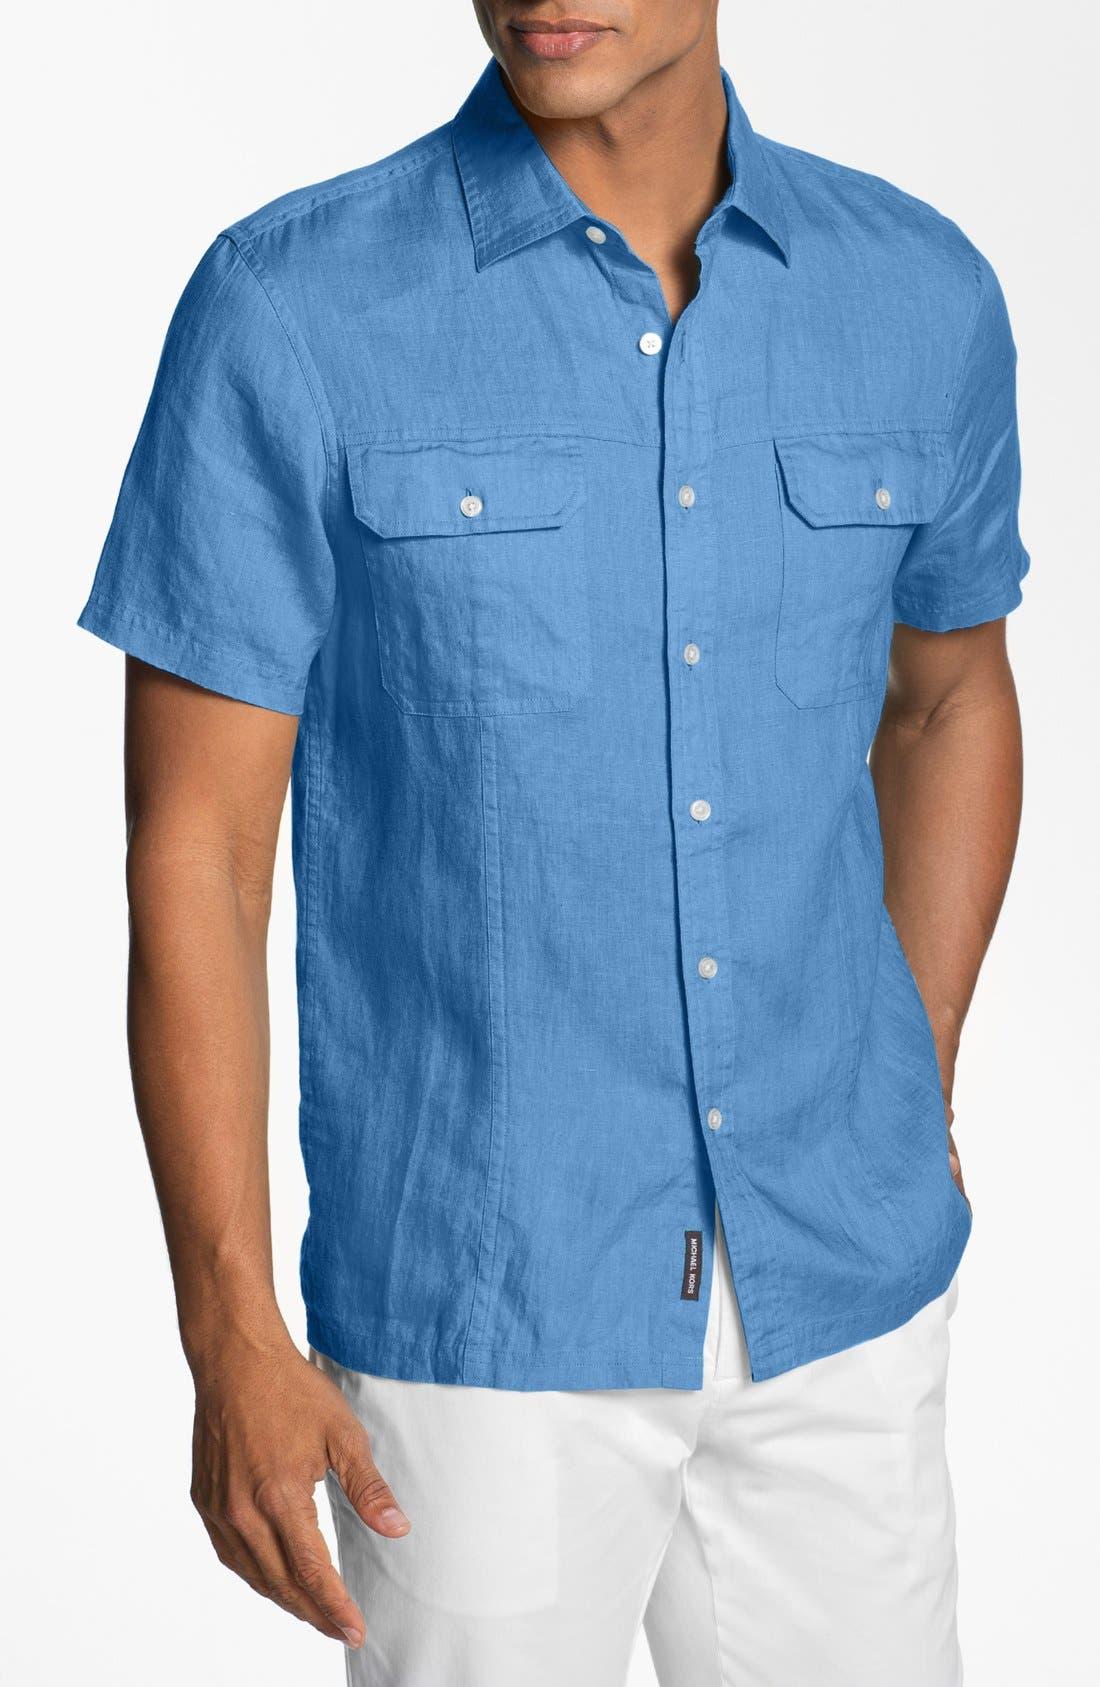 Main Image - Michael Kors Tailored Fit Linen Sport Shirt